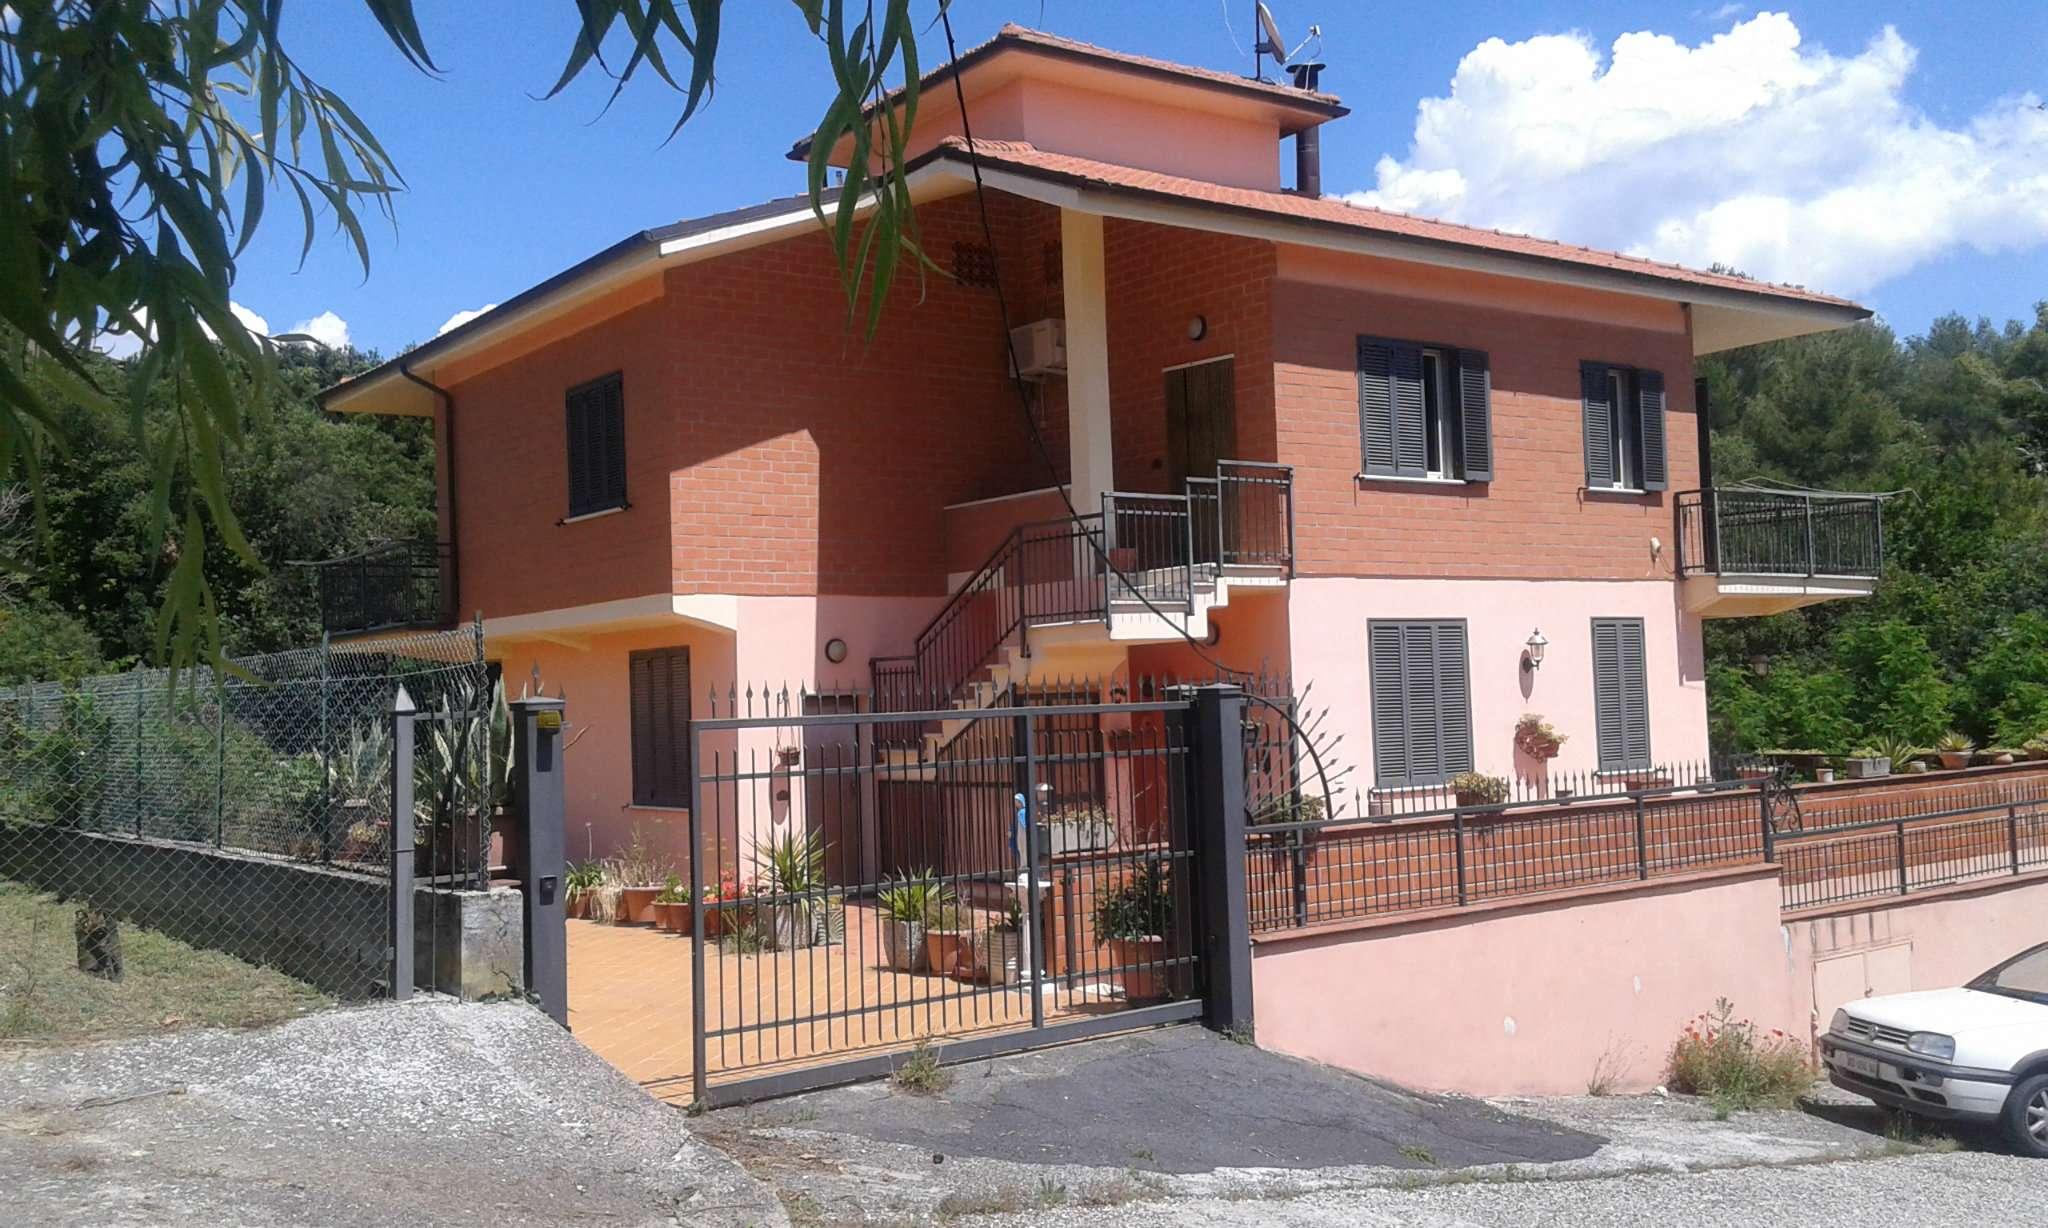 Villa in vendita a Narni, 6 locali, prezzo € 299.000   Cambio Casa.it